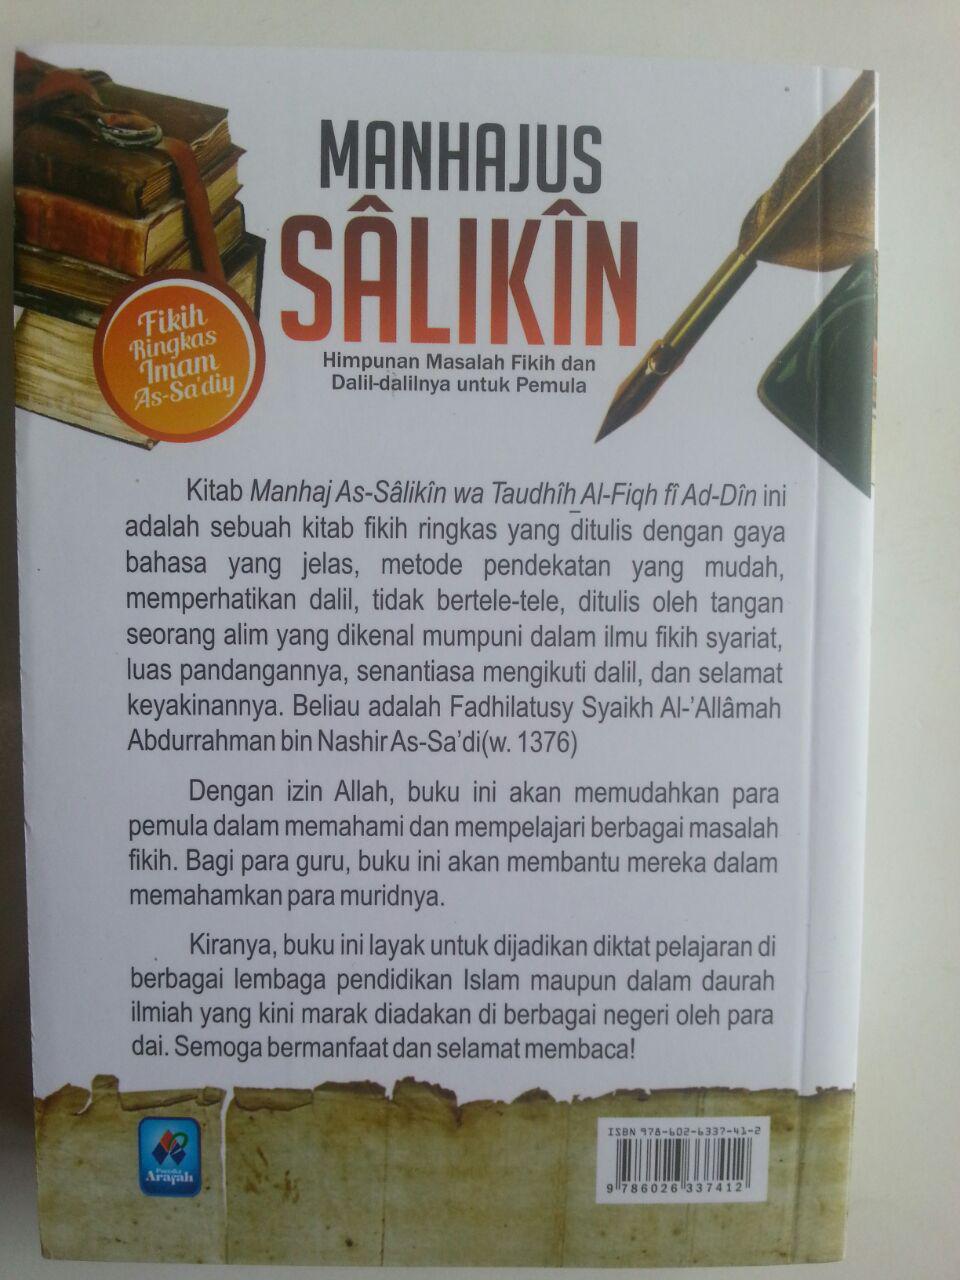 Buku Manhajus Salikin Himpunan Masalah Fikih Dan Dalilnya Untuk Pemula cover